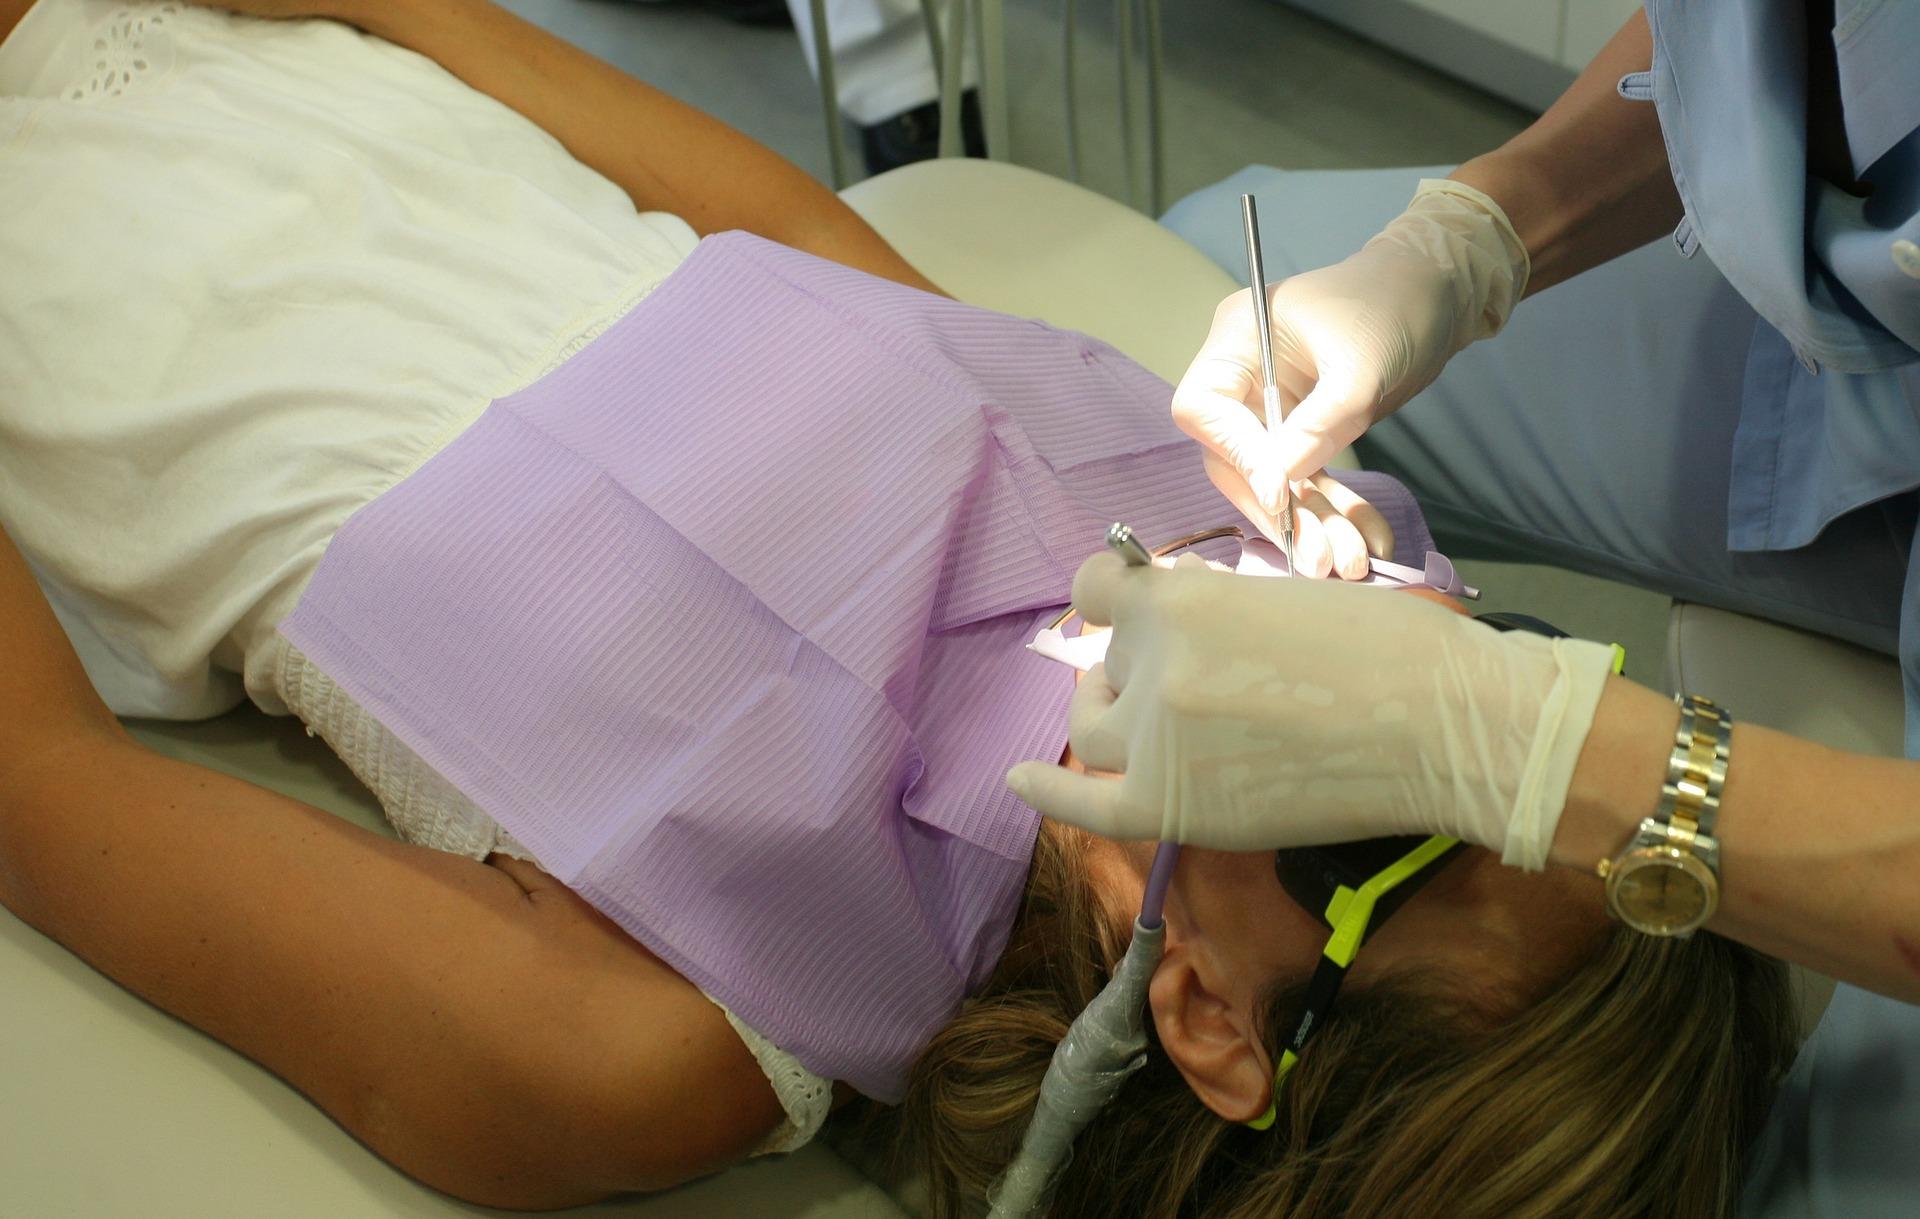 Cuidados dentales durante el embarazo, ¿qué debemos tener en cuenta?